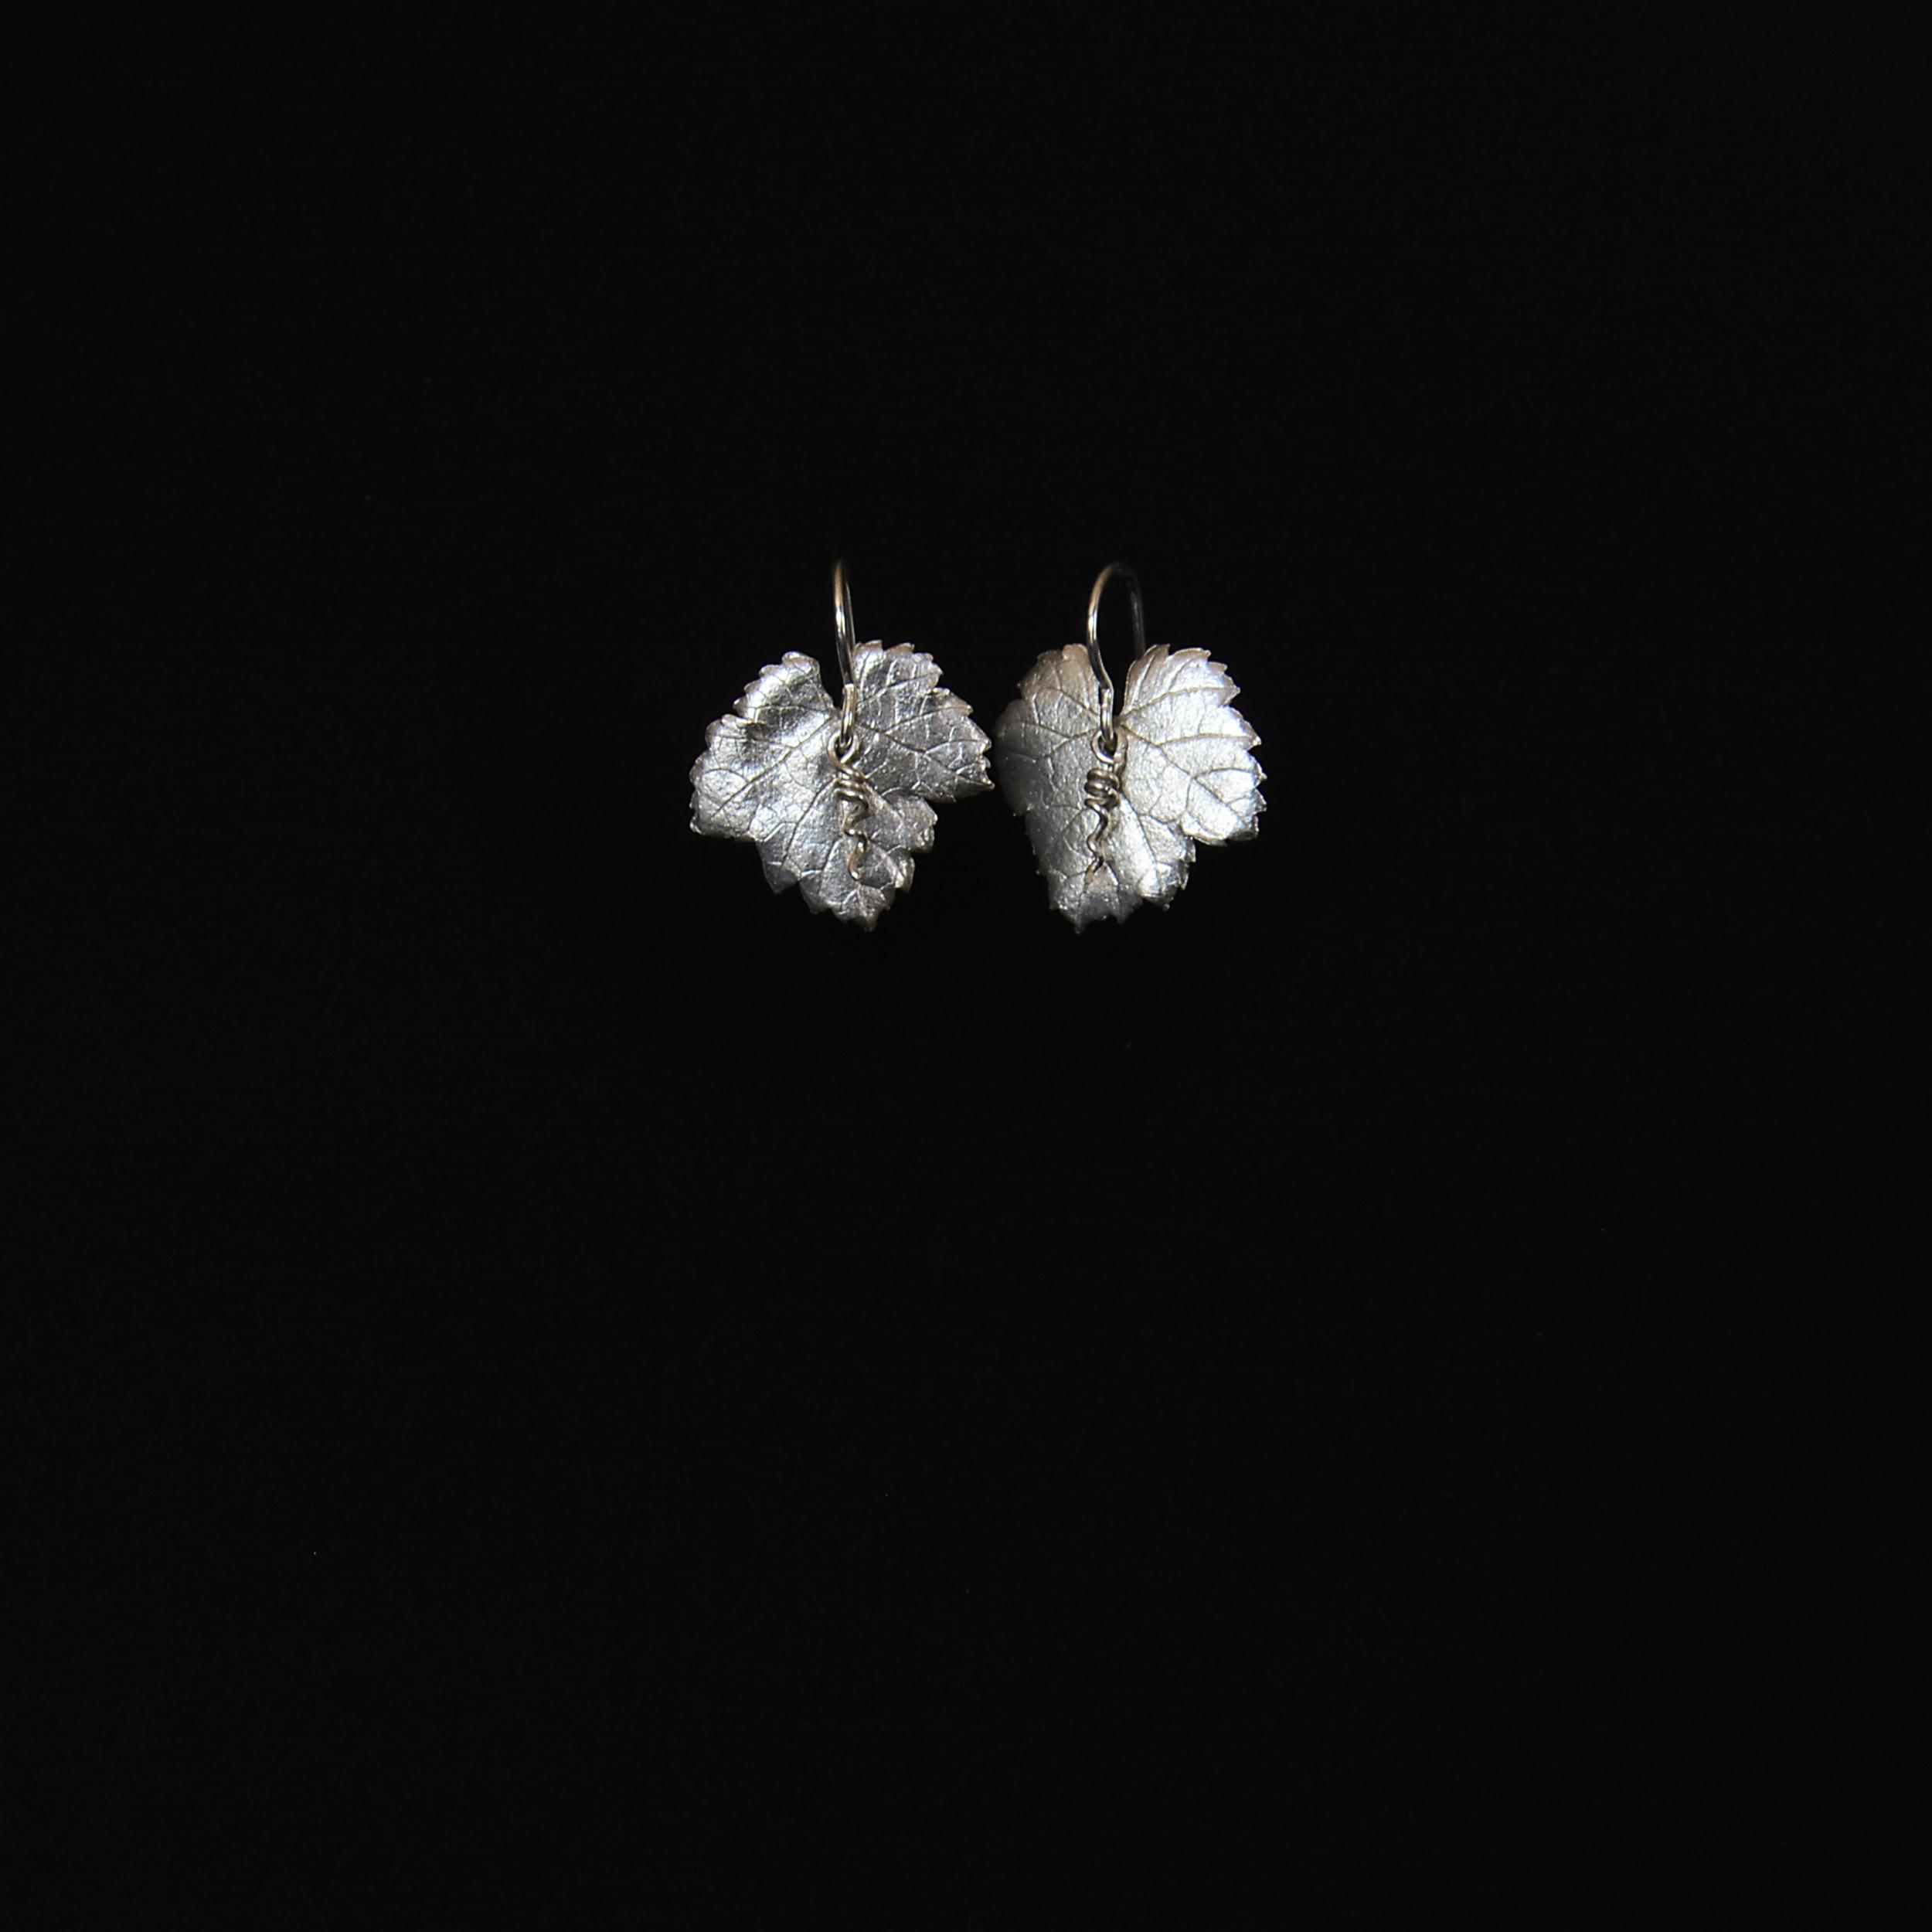 grape-leaf-earrings-michelle-hoting.jpg